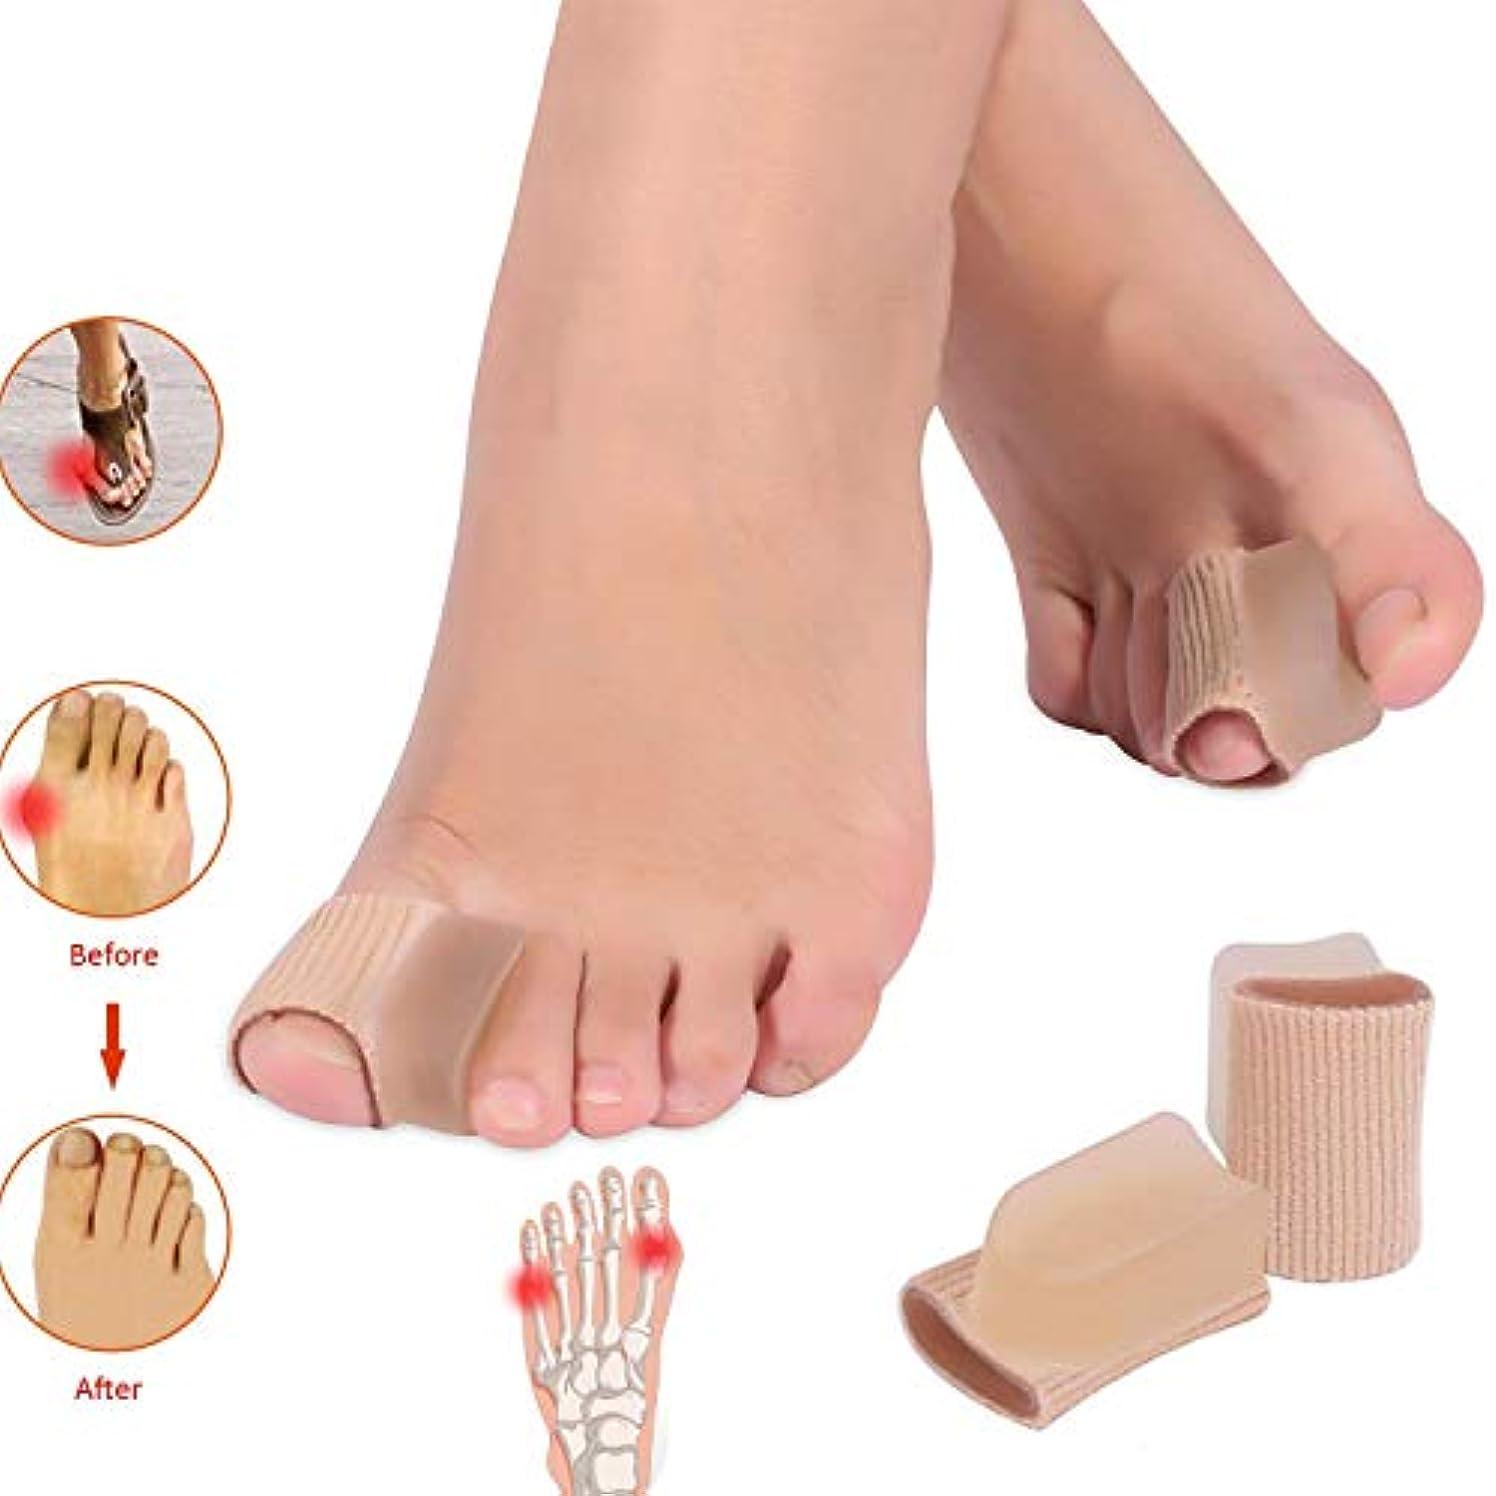 つづりたらい乱暴な外反母趾外反、ハンマーつま先の痛みの軽減のための腱矯正の副木のつま先矯正、Socks-4 PCSの腱の軽減の袖の摩耗